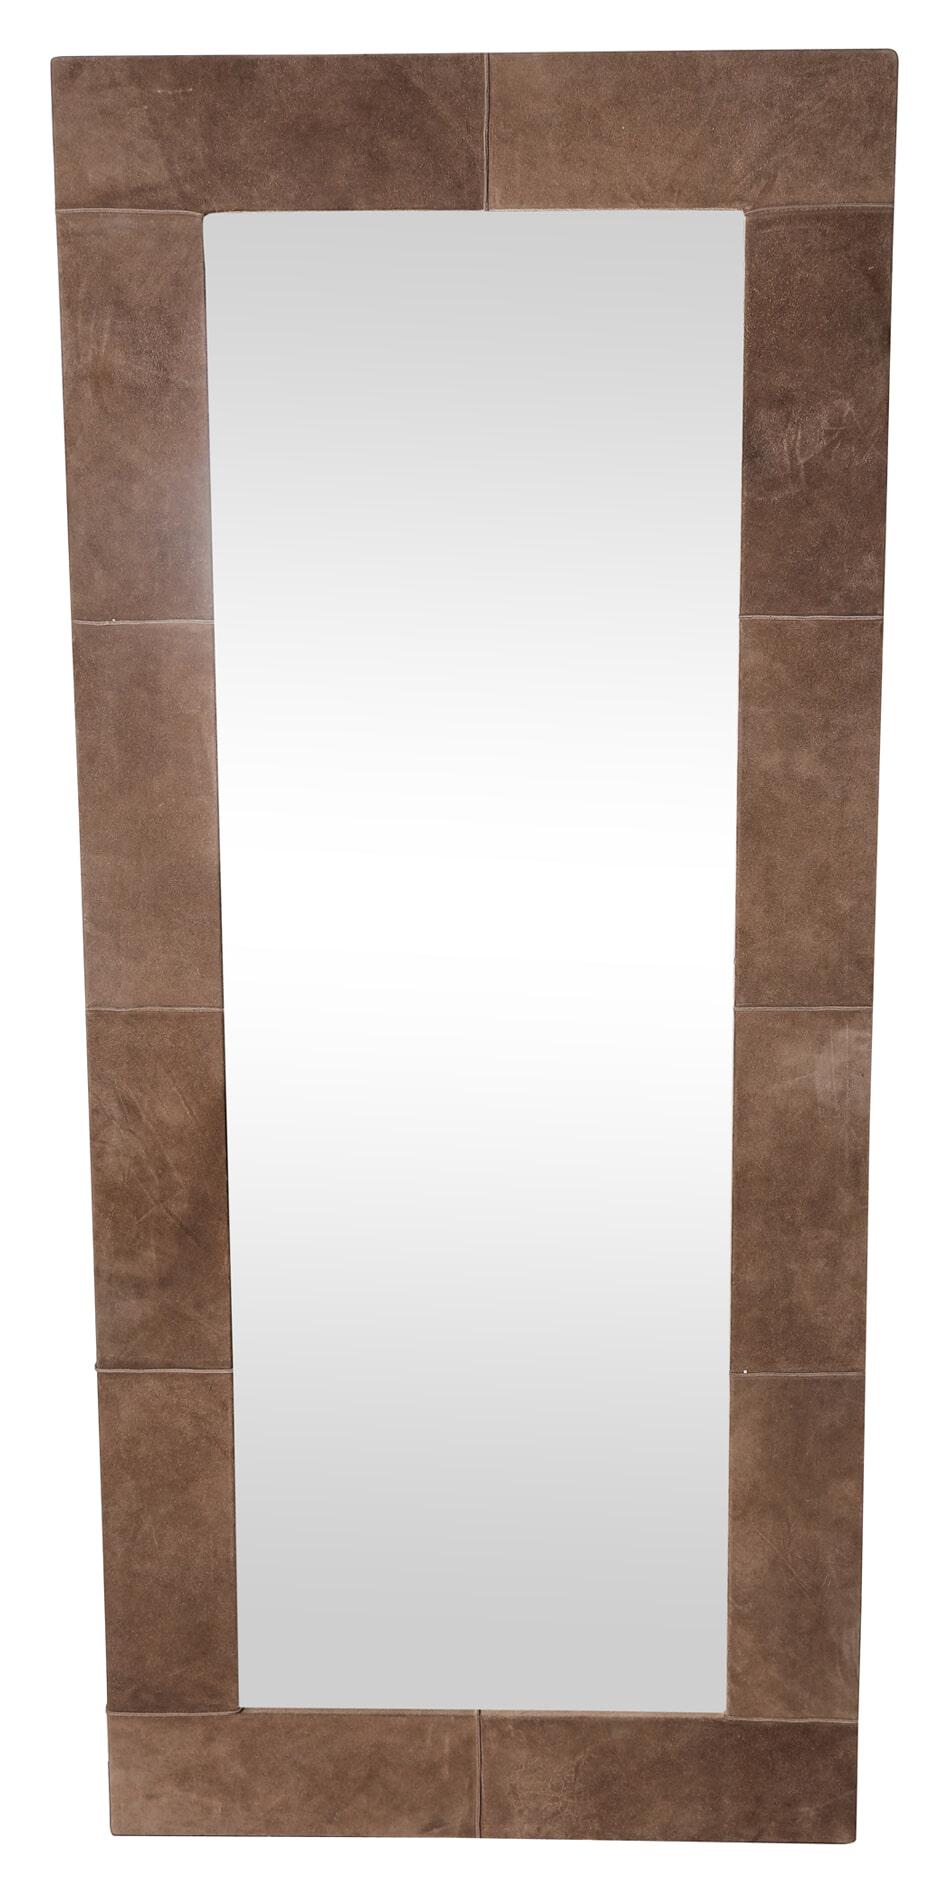 PTMD Spiegel 'Lynne' Leder, 160 x 58cm